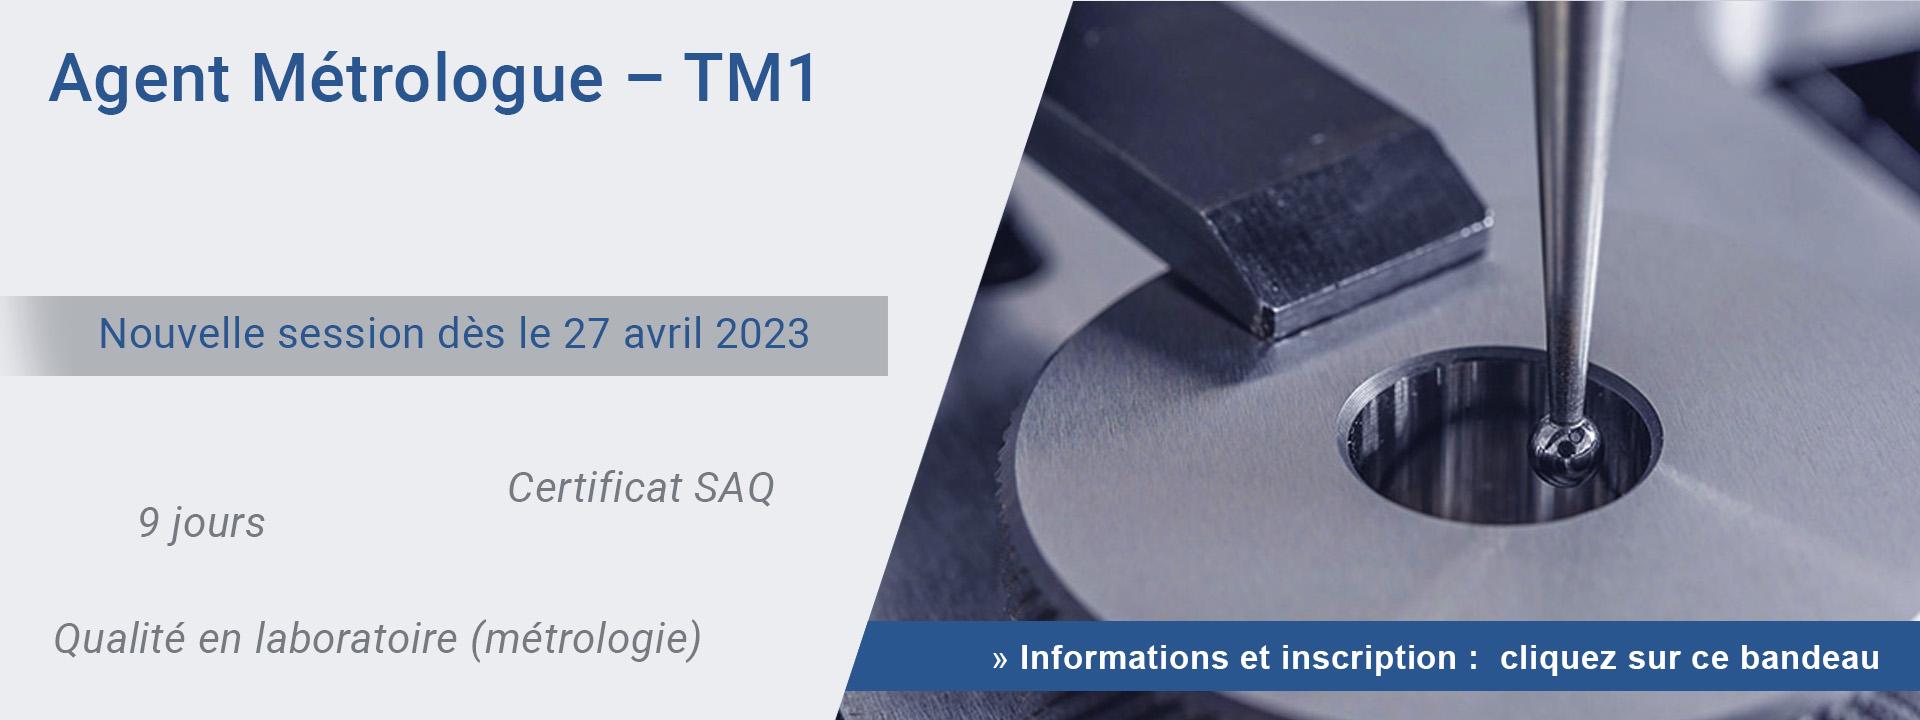 Agent systèmes de management intégrés (SMI) – santé, social et services